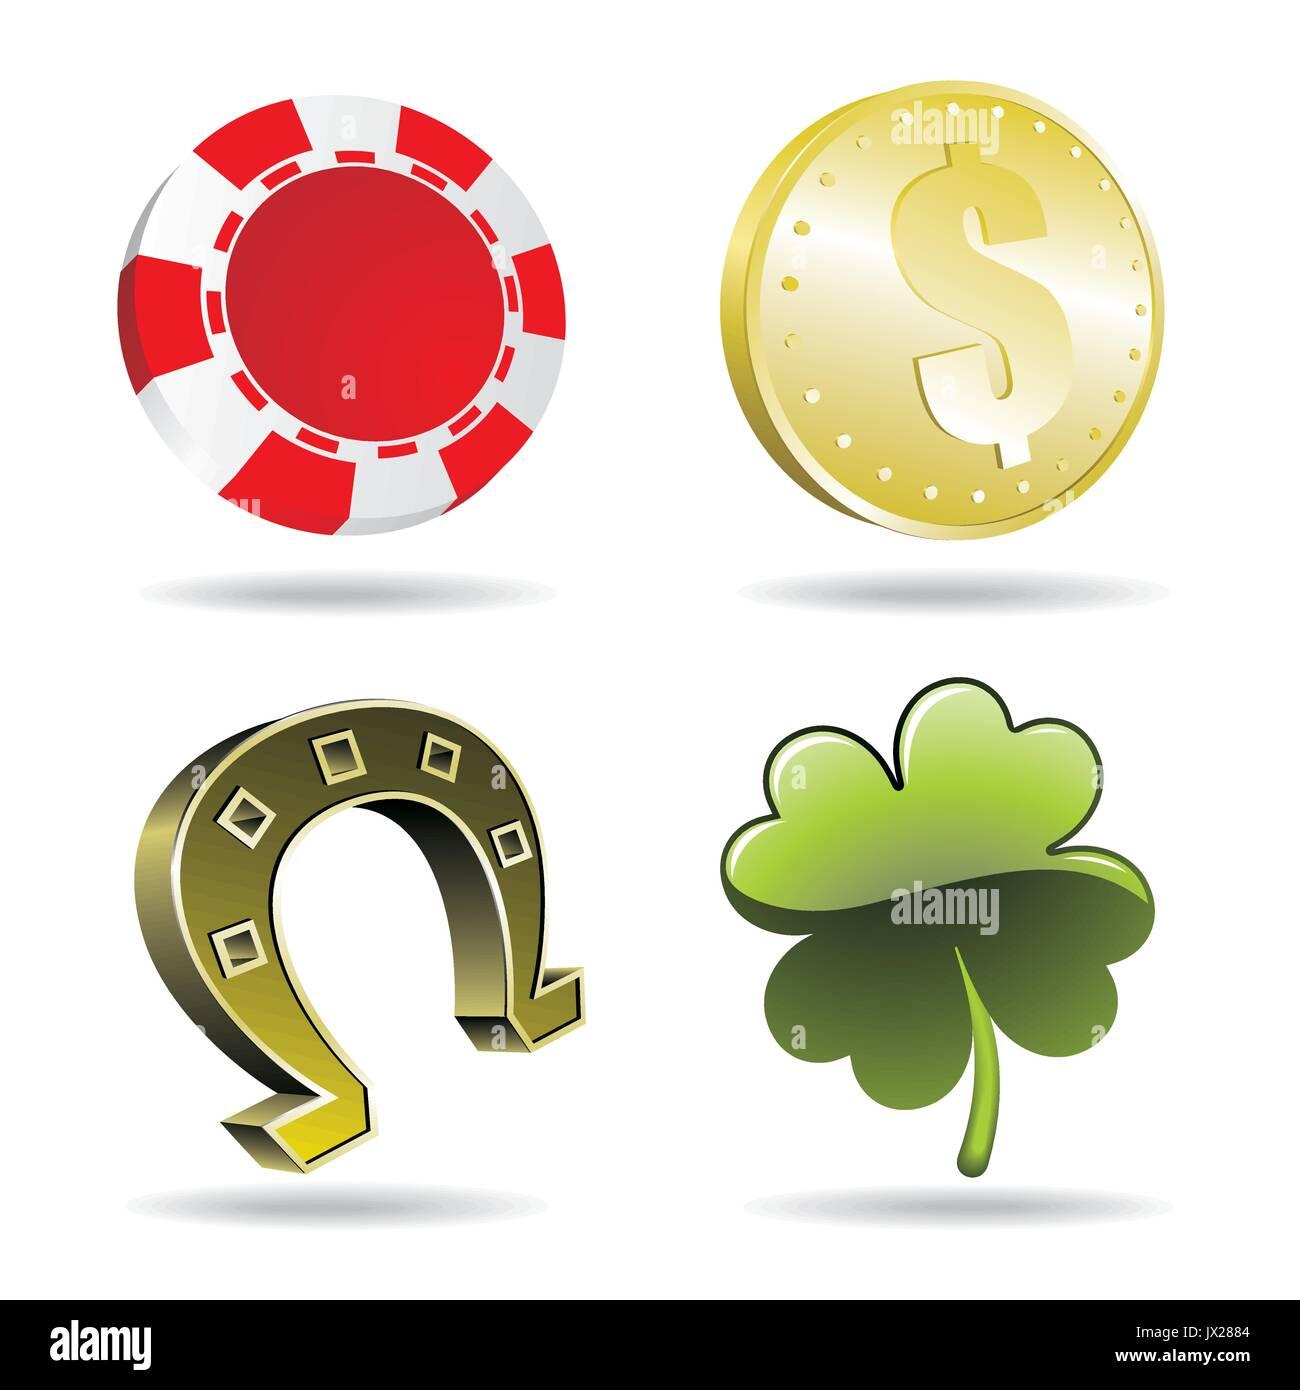 lucky 8 horseshoe casino